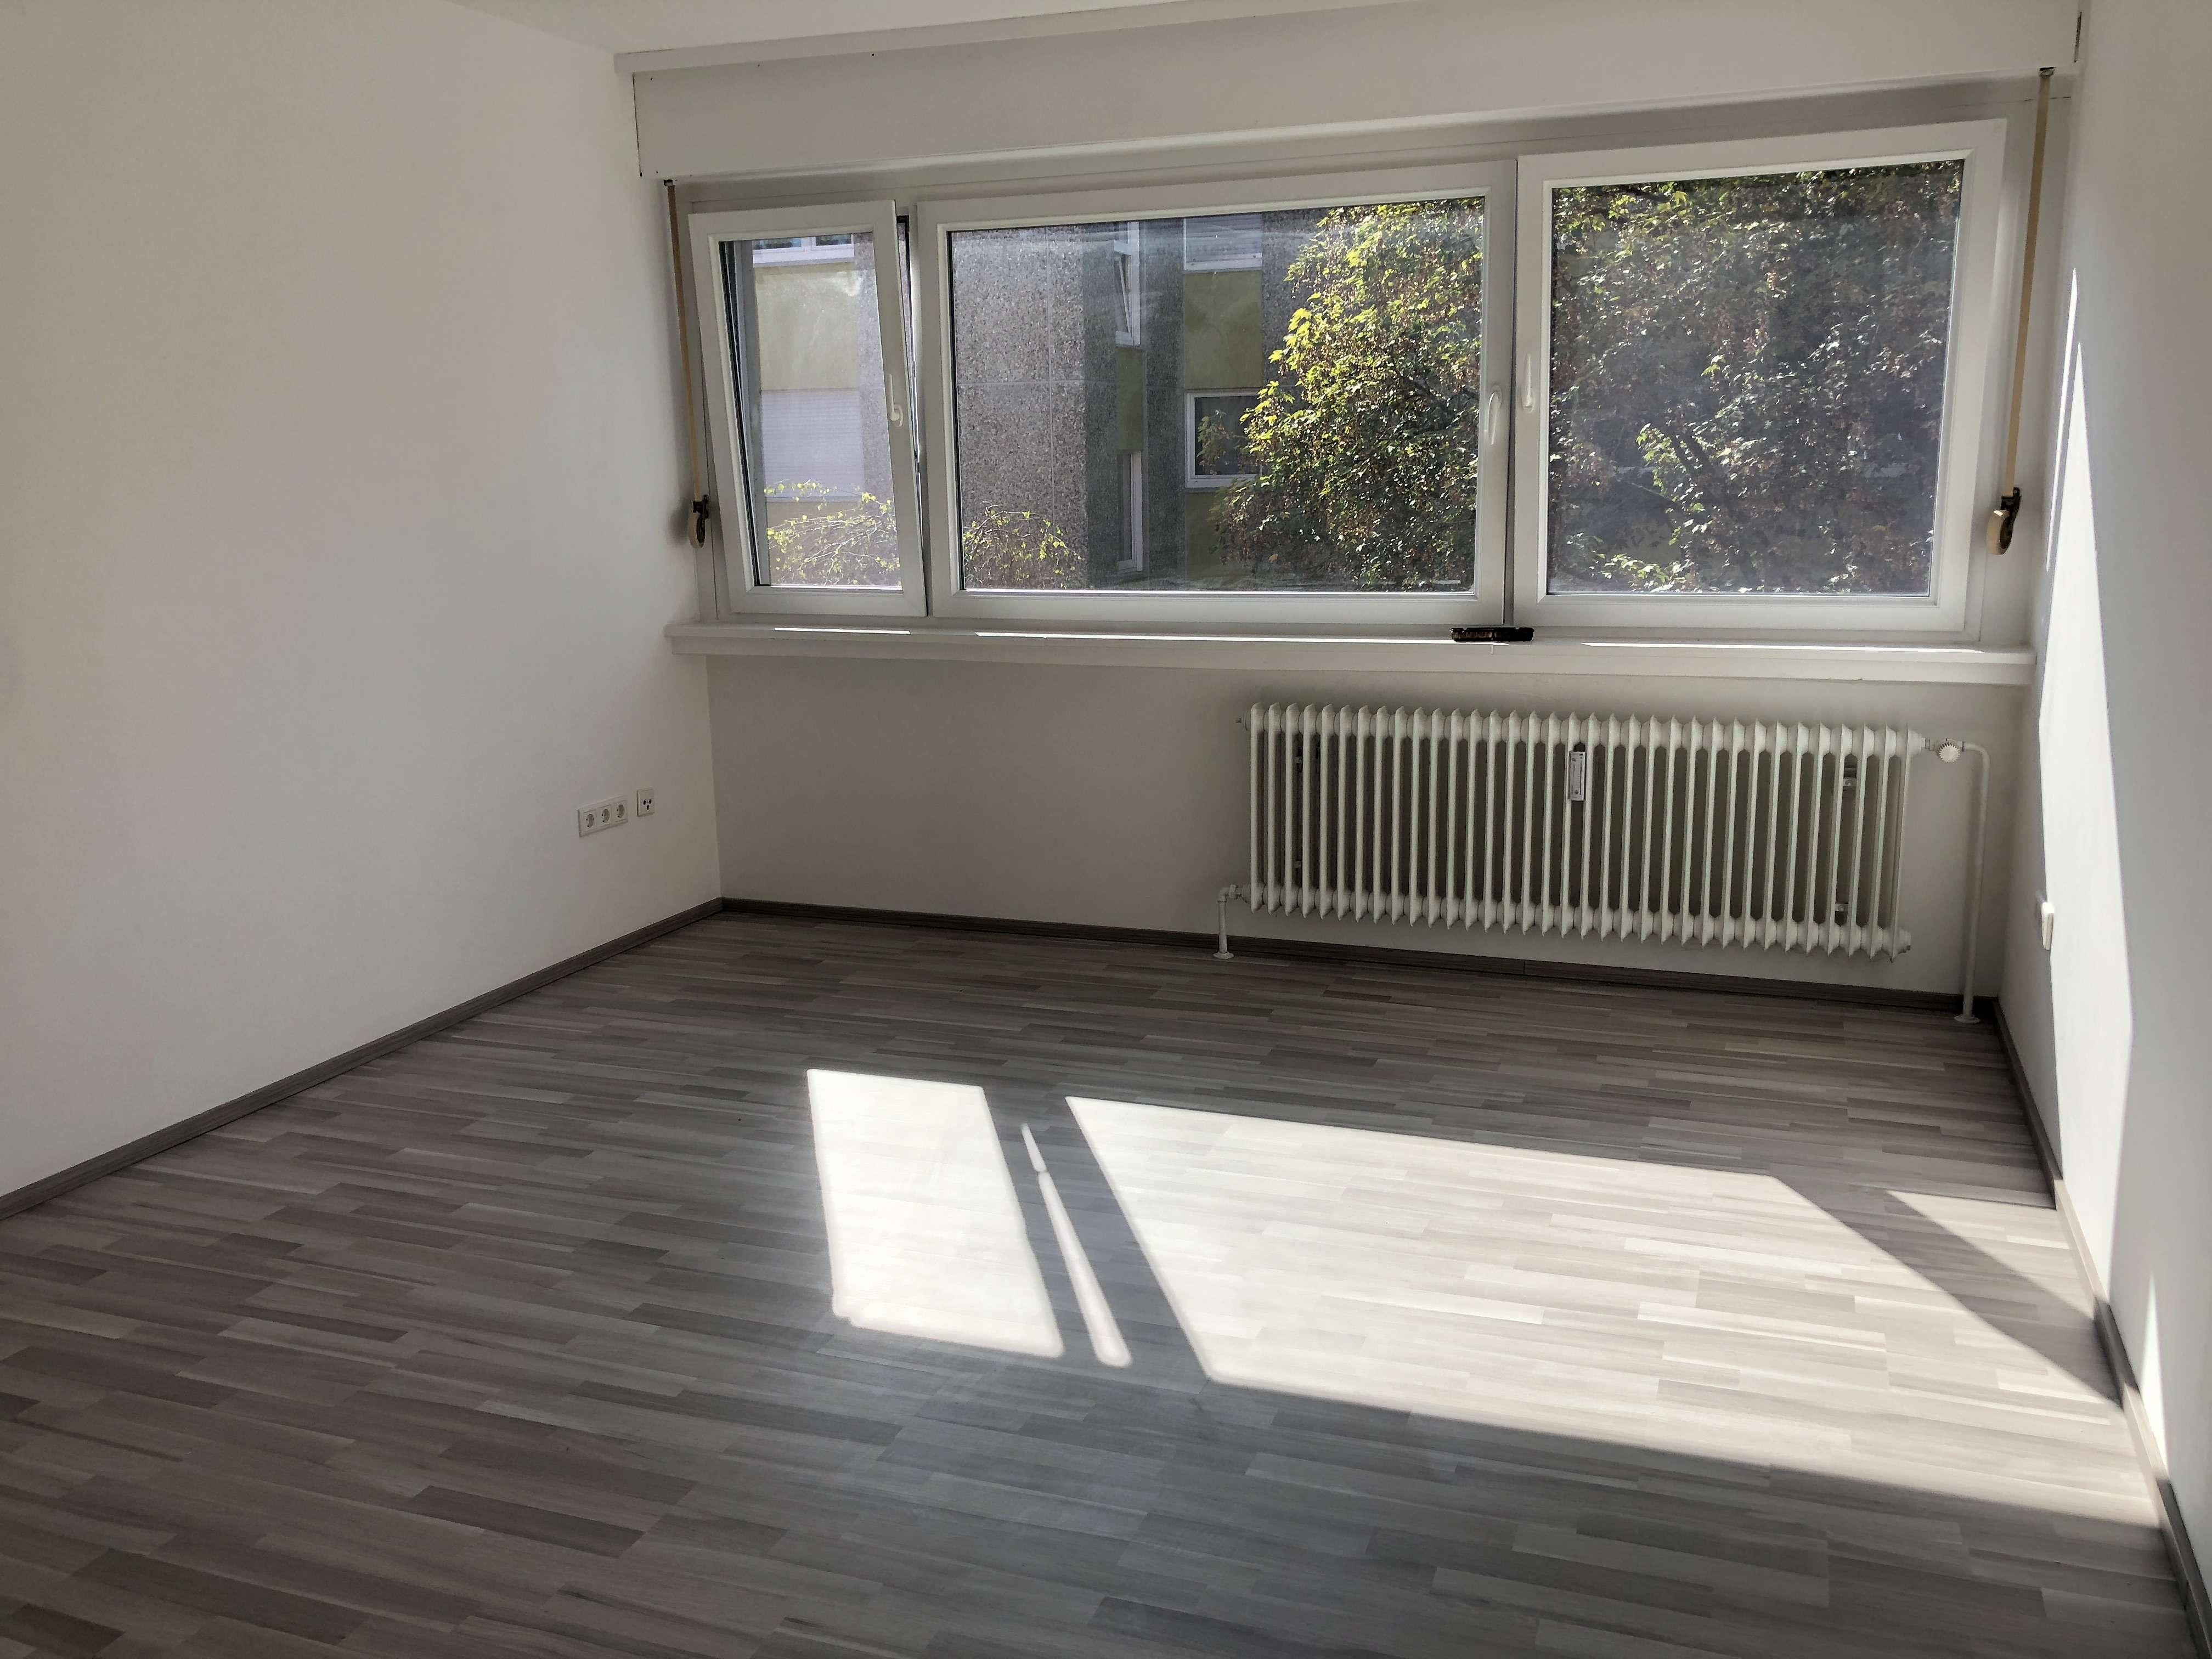 Nettes kleines Appartement  in FFB, 10min zur S-Bahn in Fürstenfeldbruck (Fürstenfeldbruck)